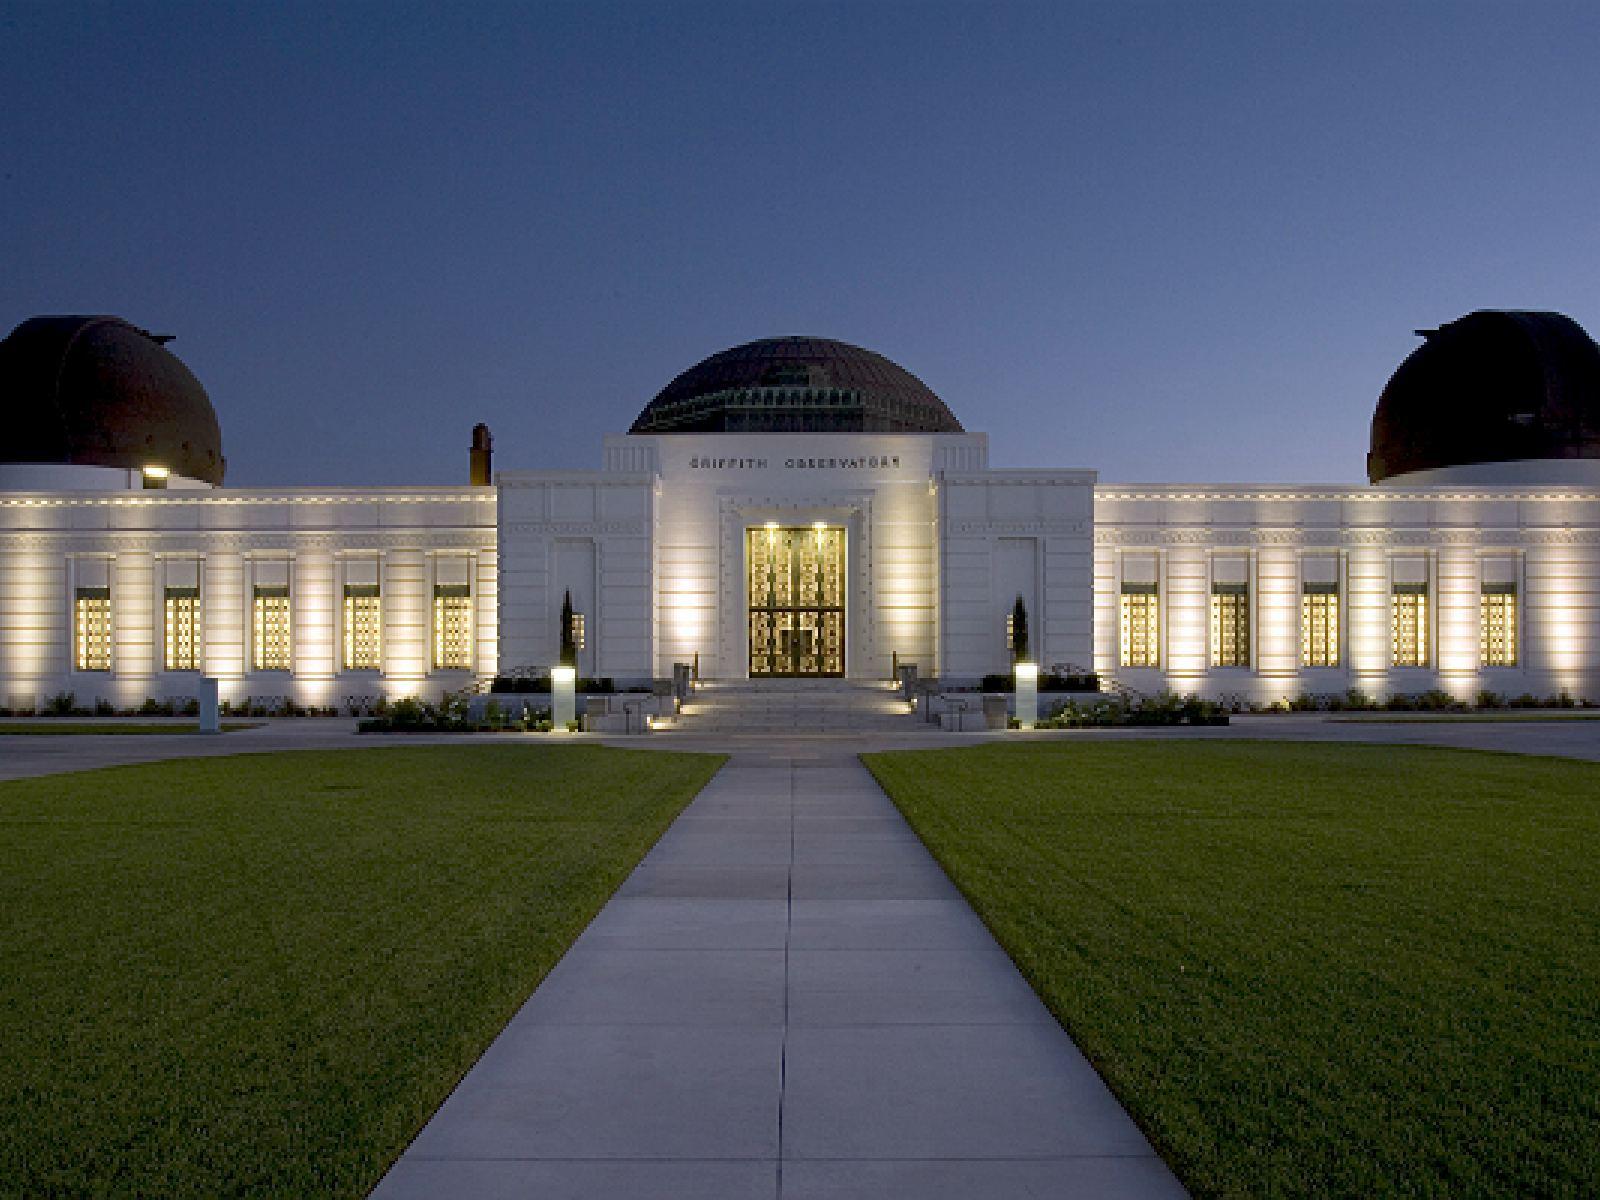 Main image for article titled Visiter l'Observatoire Griffith : tout savoir sur cette icône de Los Angeles